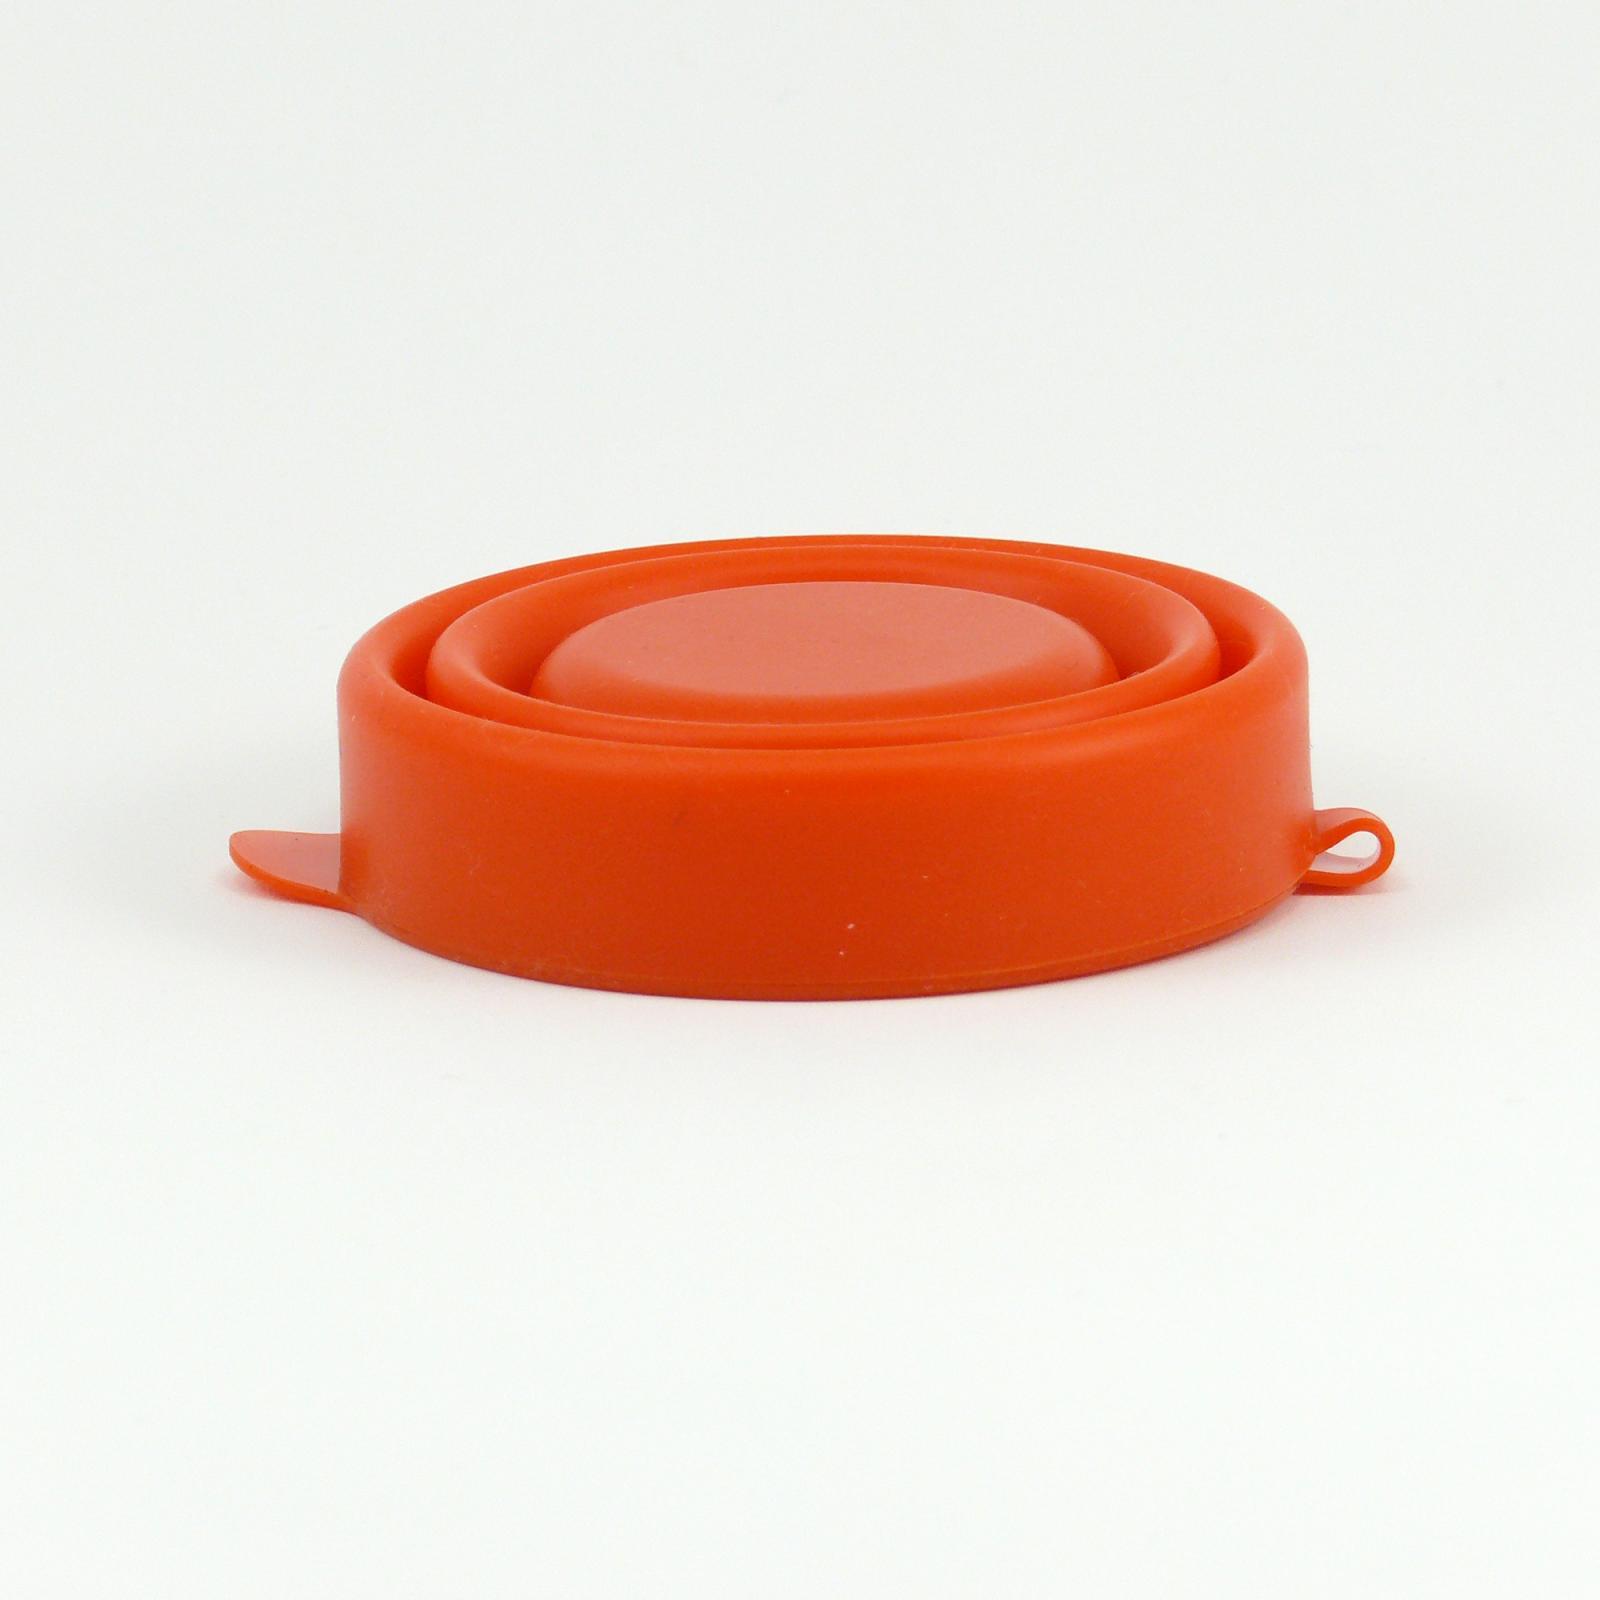 Me Luna Kelímek na sterilizaci, oranžový 1 ks